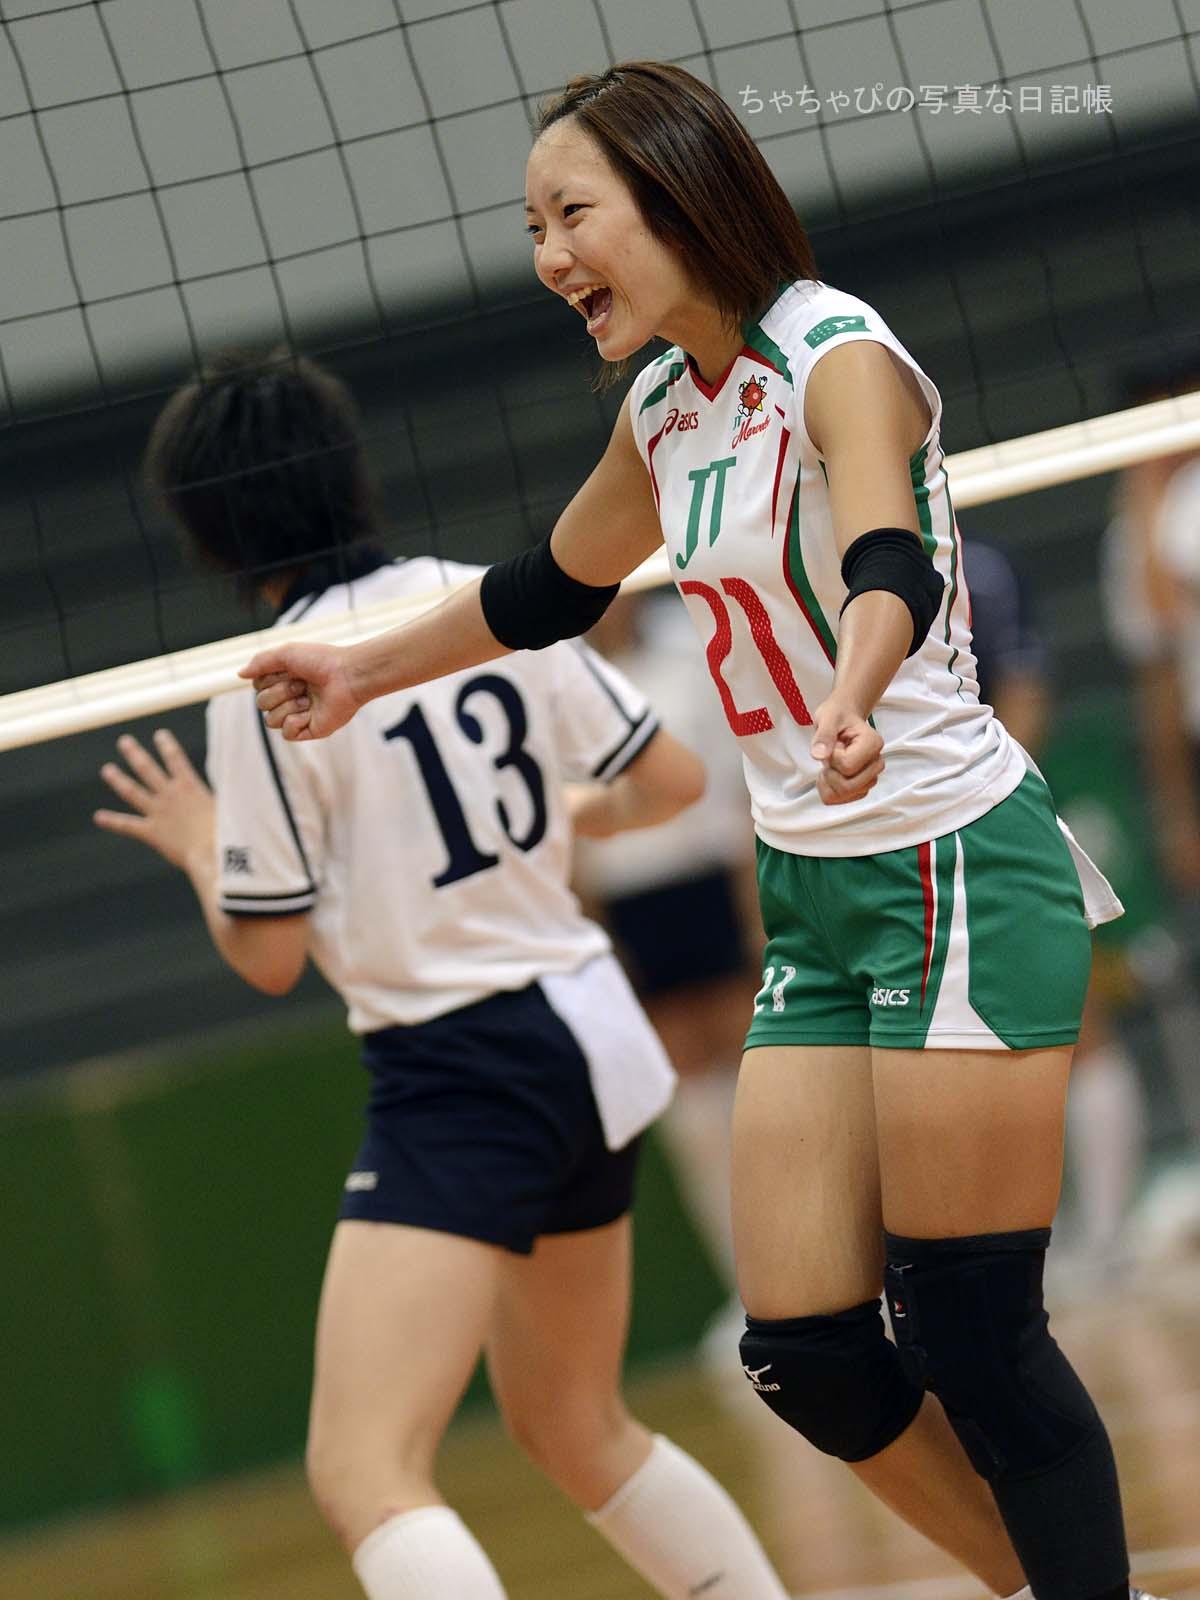 石井美樹選手